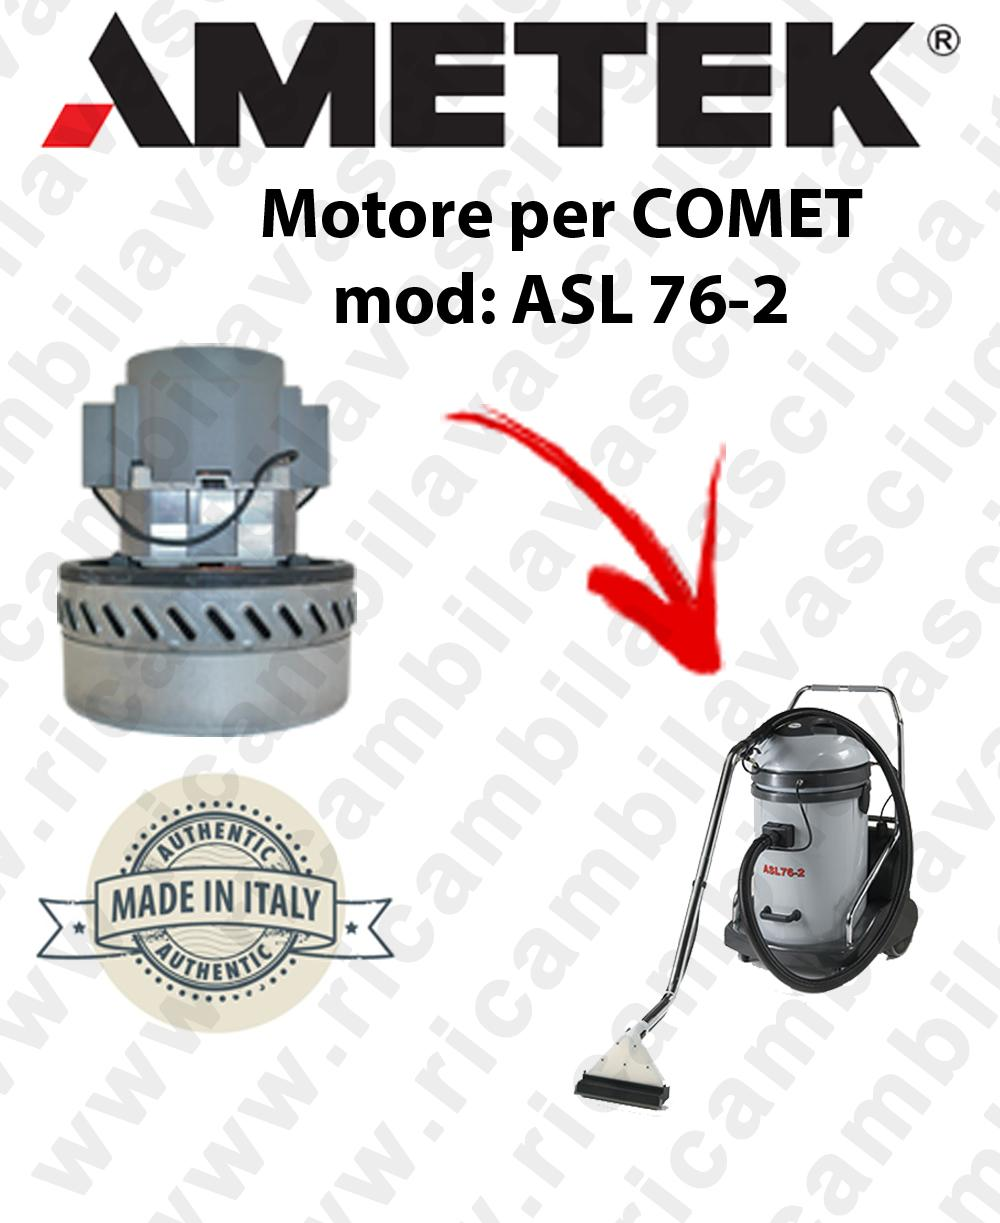 ASL 76-2 Saugmotor AMETEK ITALIA für Trockensauger COMET